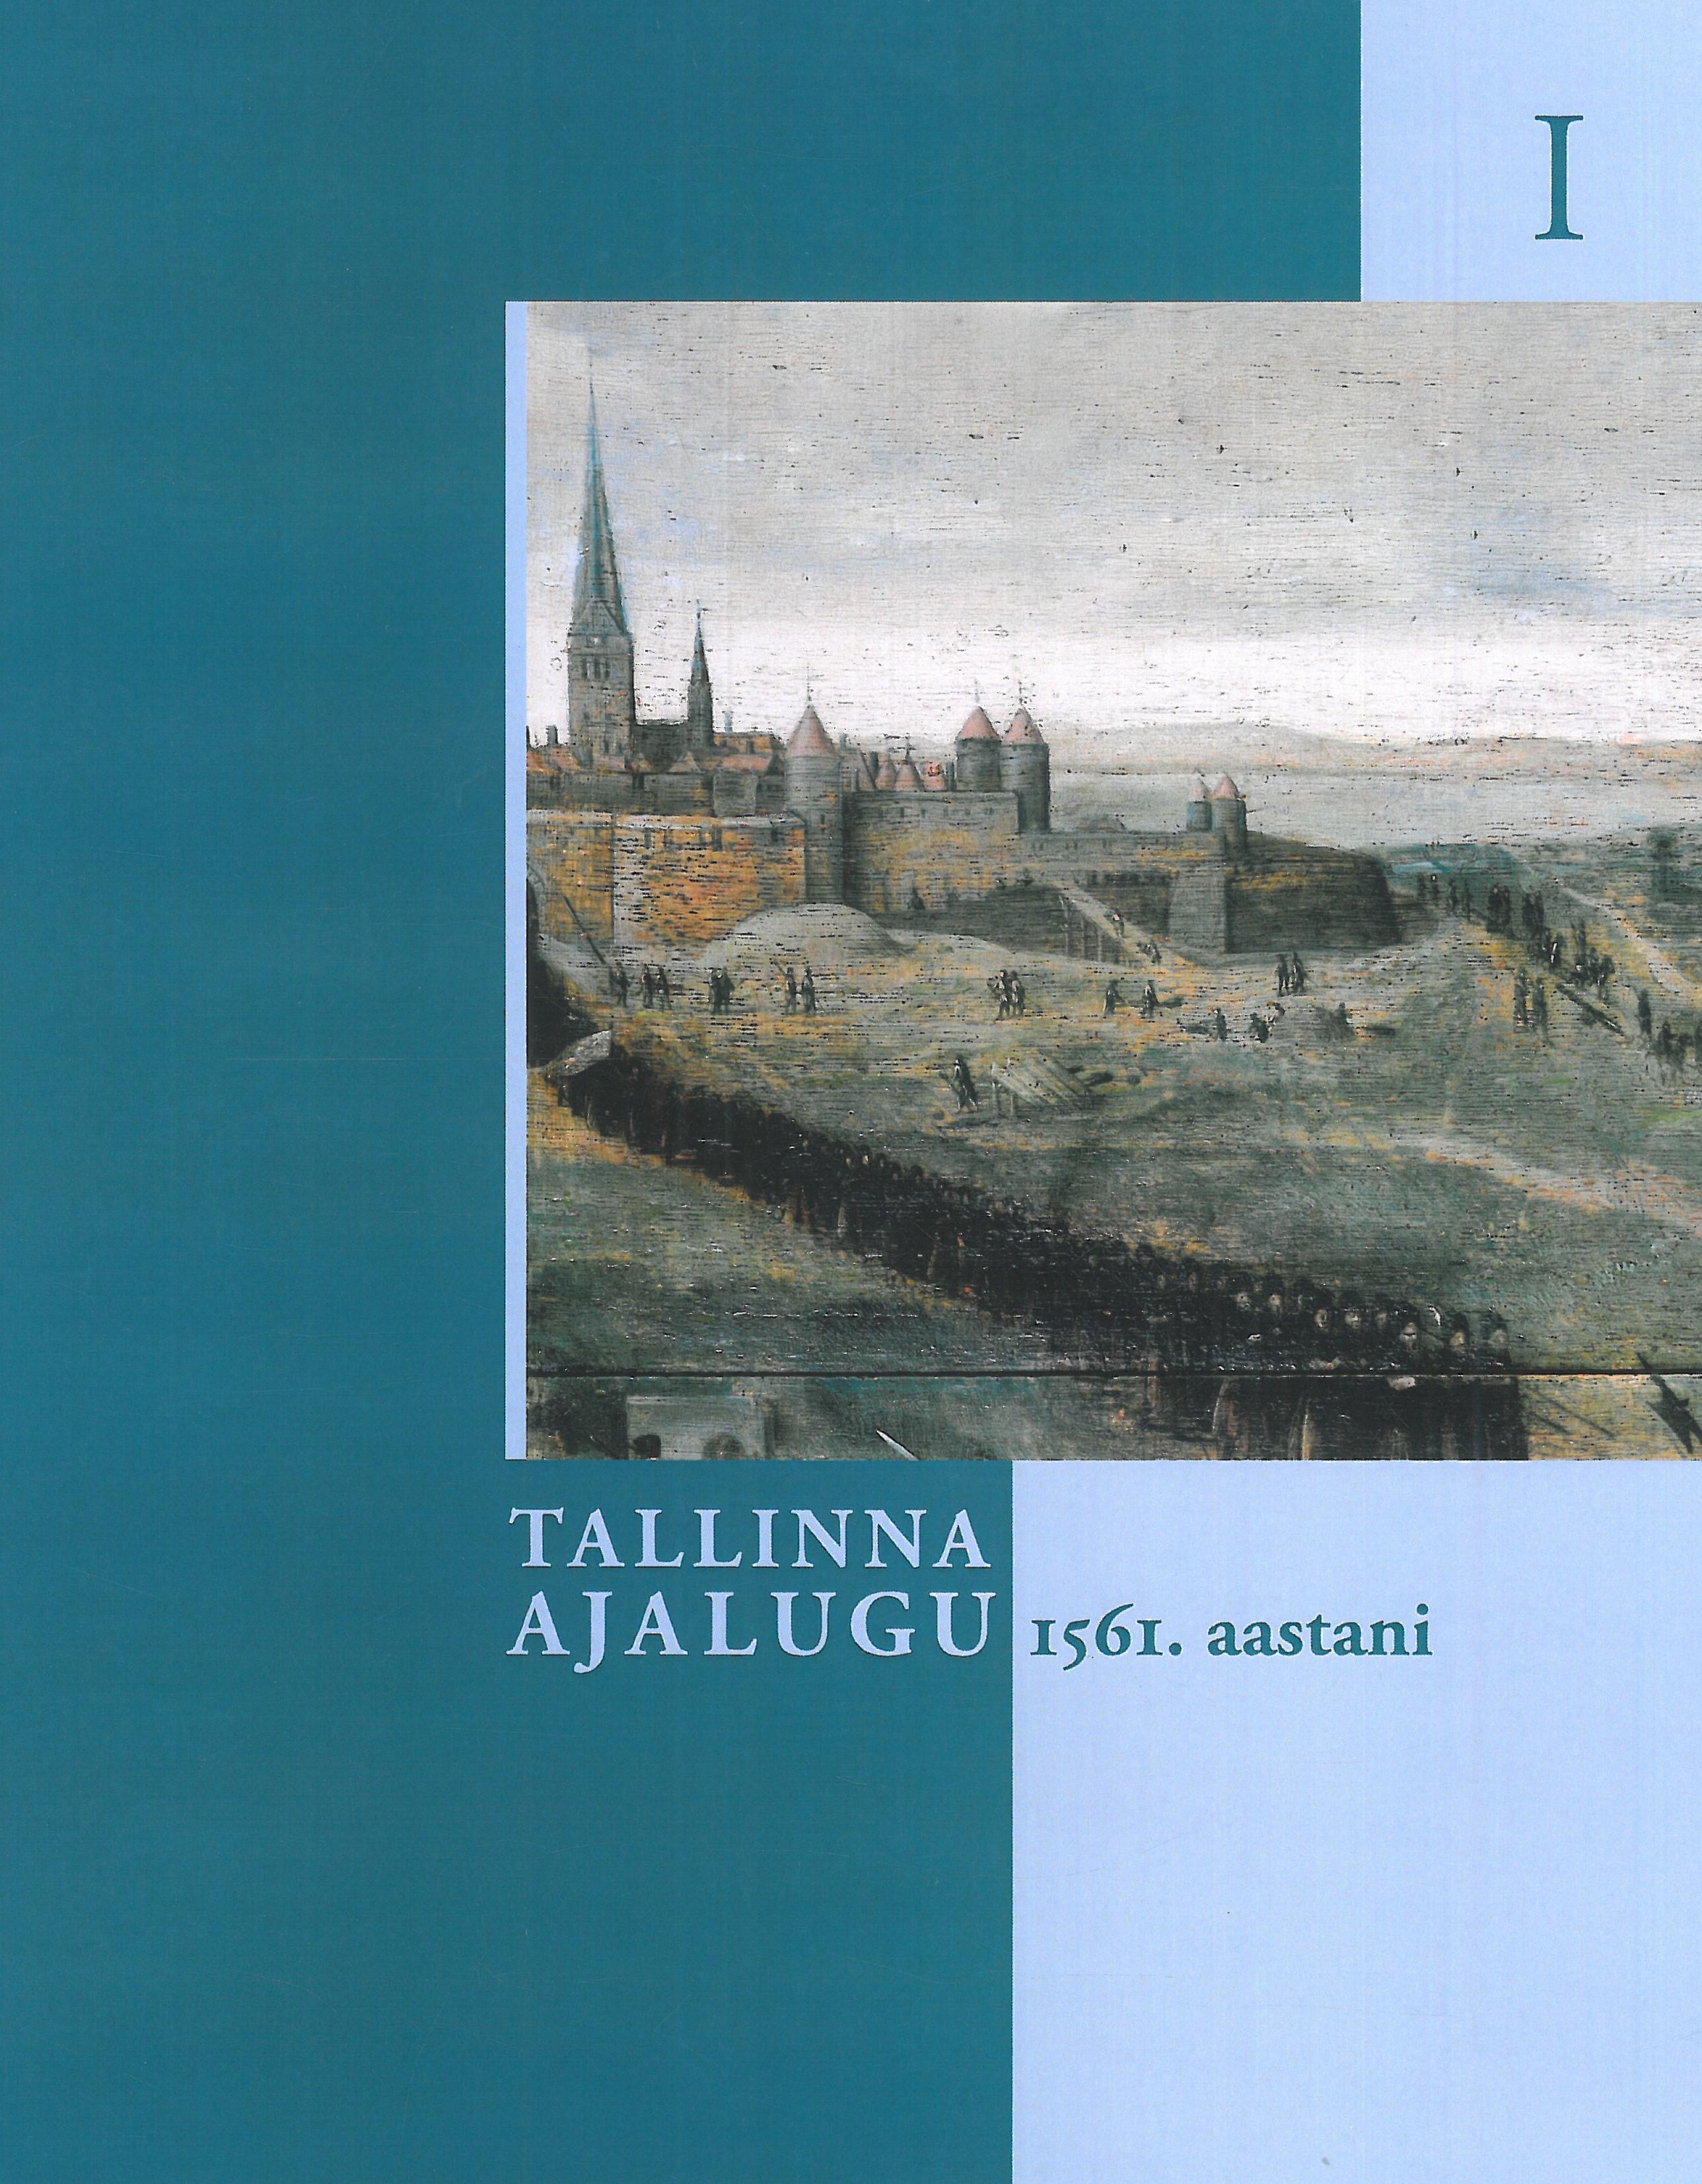 Tallinna ajalugu i köide. 1561. aastani